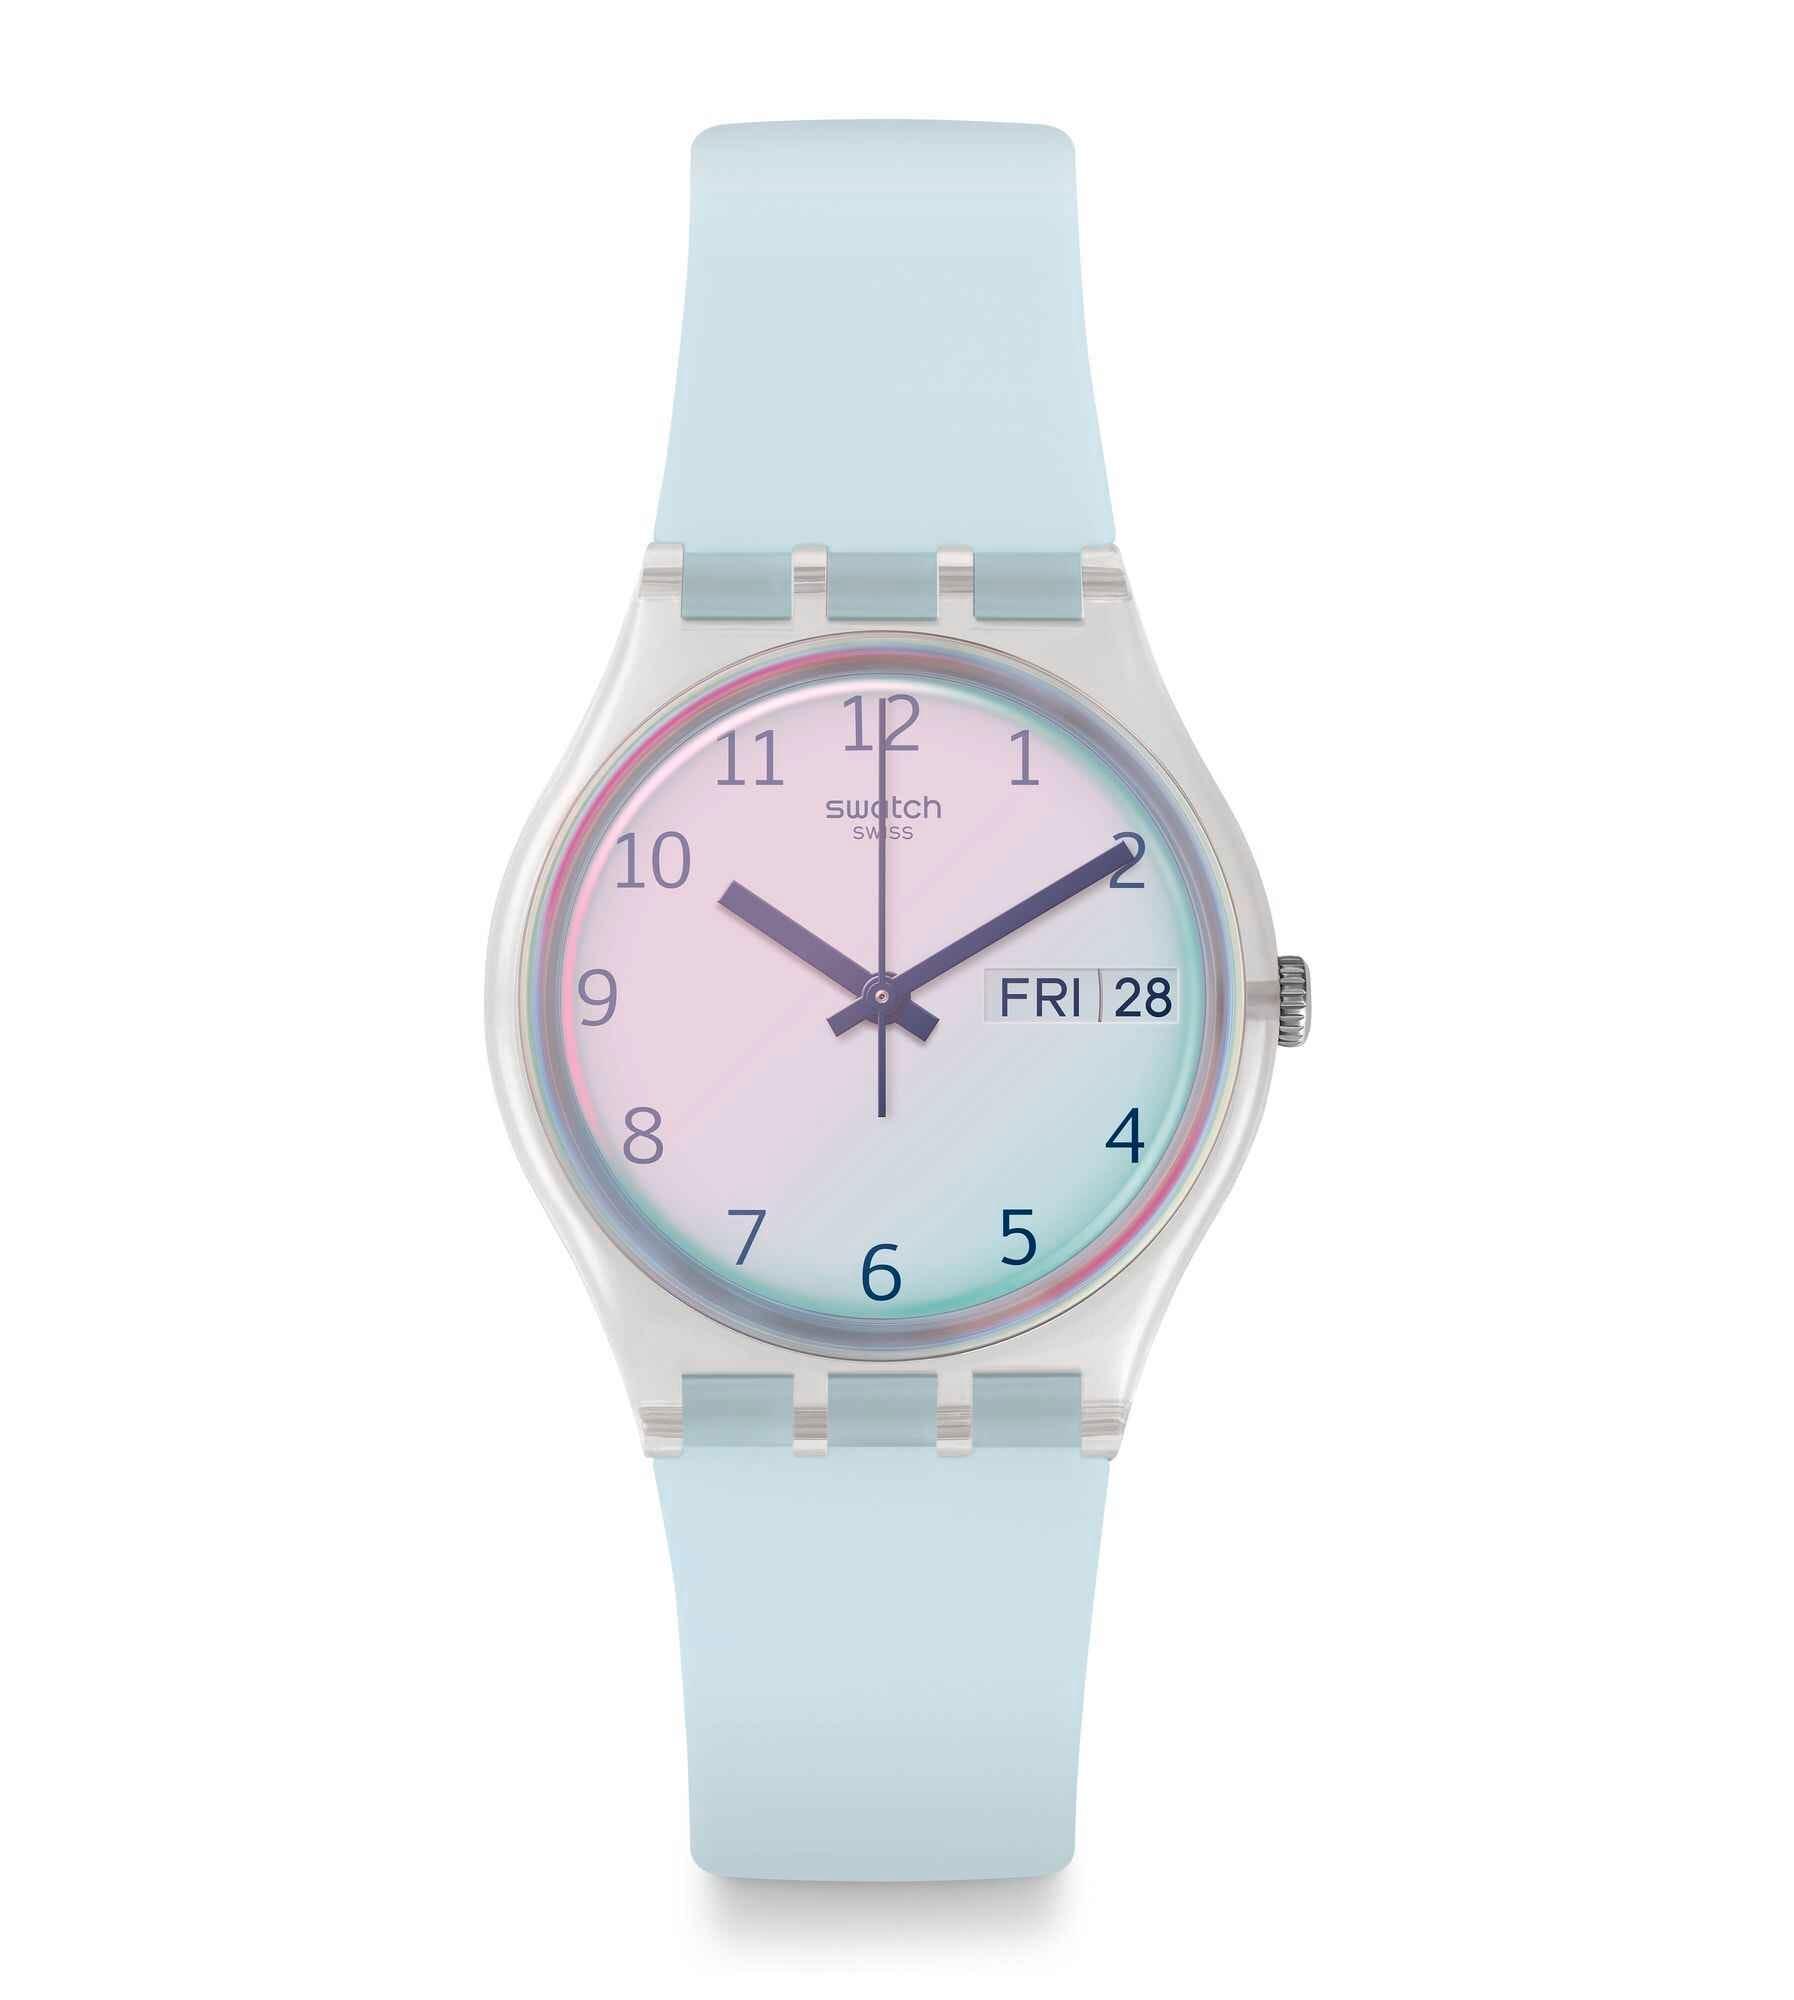 Se Cristal De Un Puede Cambiar Reloj Swatch El Ib7f6yvgY